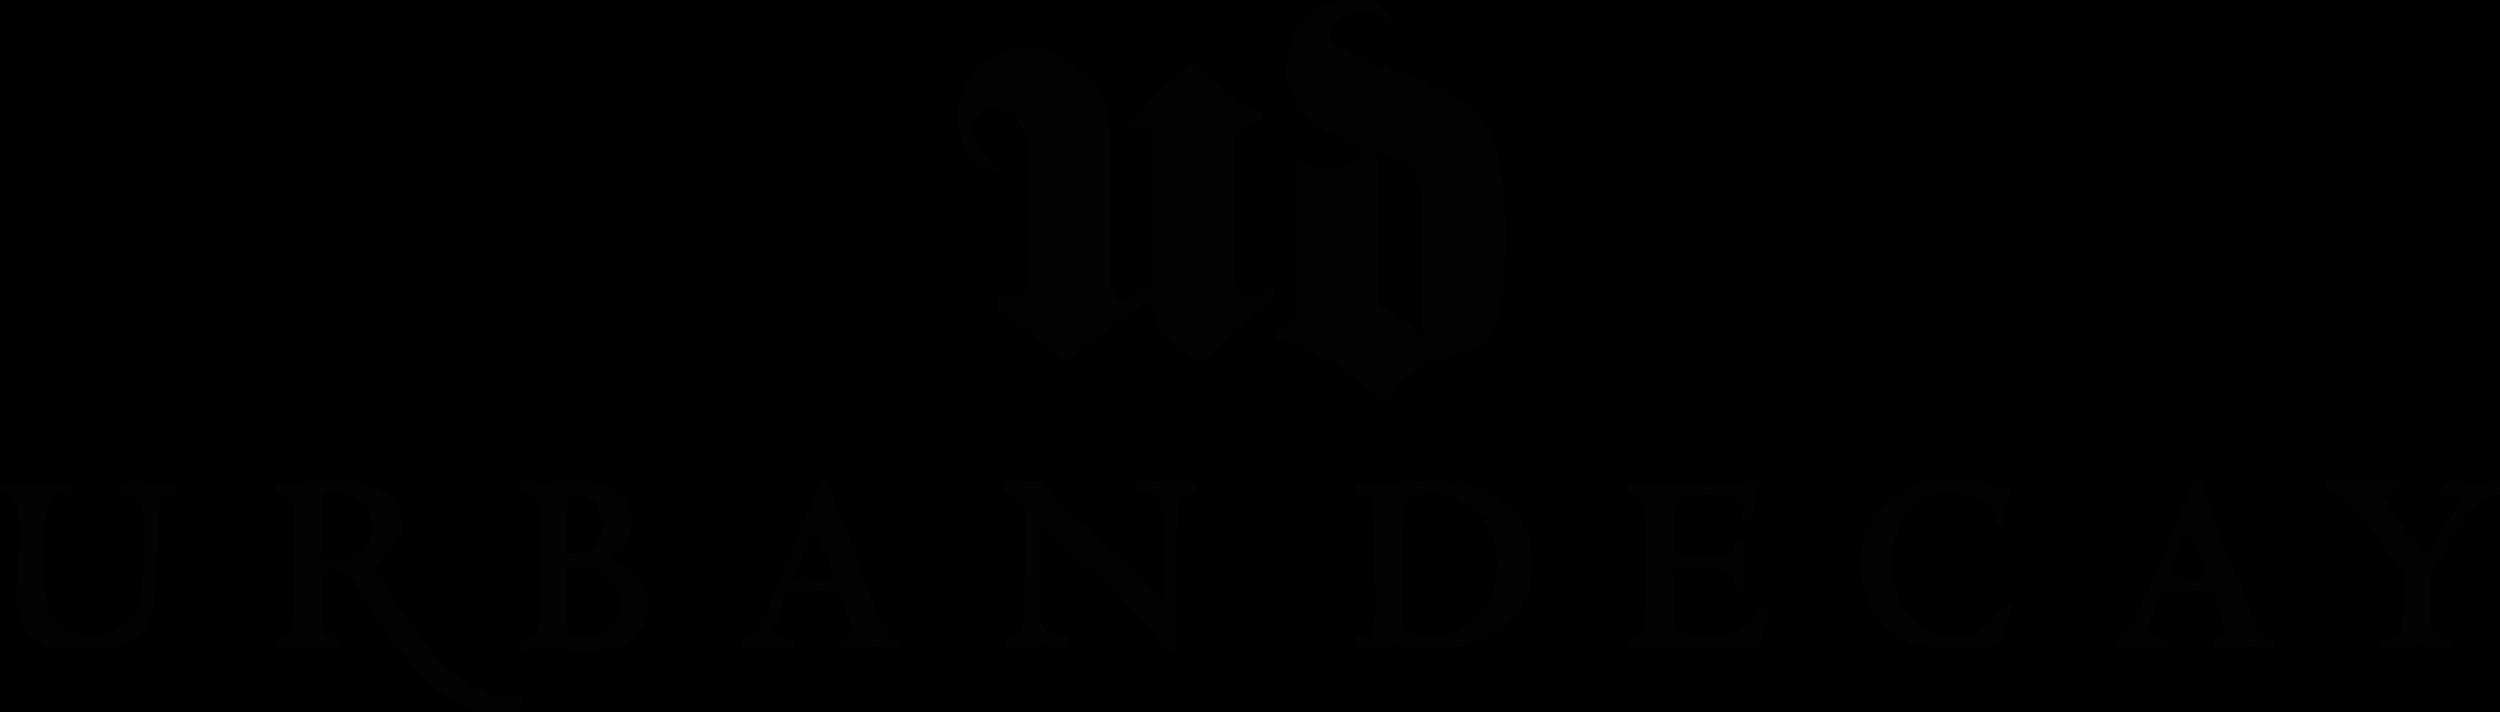 PNGIX.com_urban-decay-logo-png_4502643.png